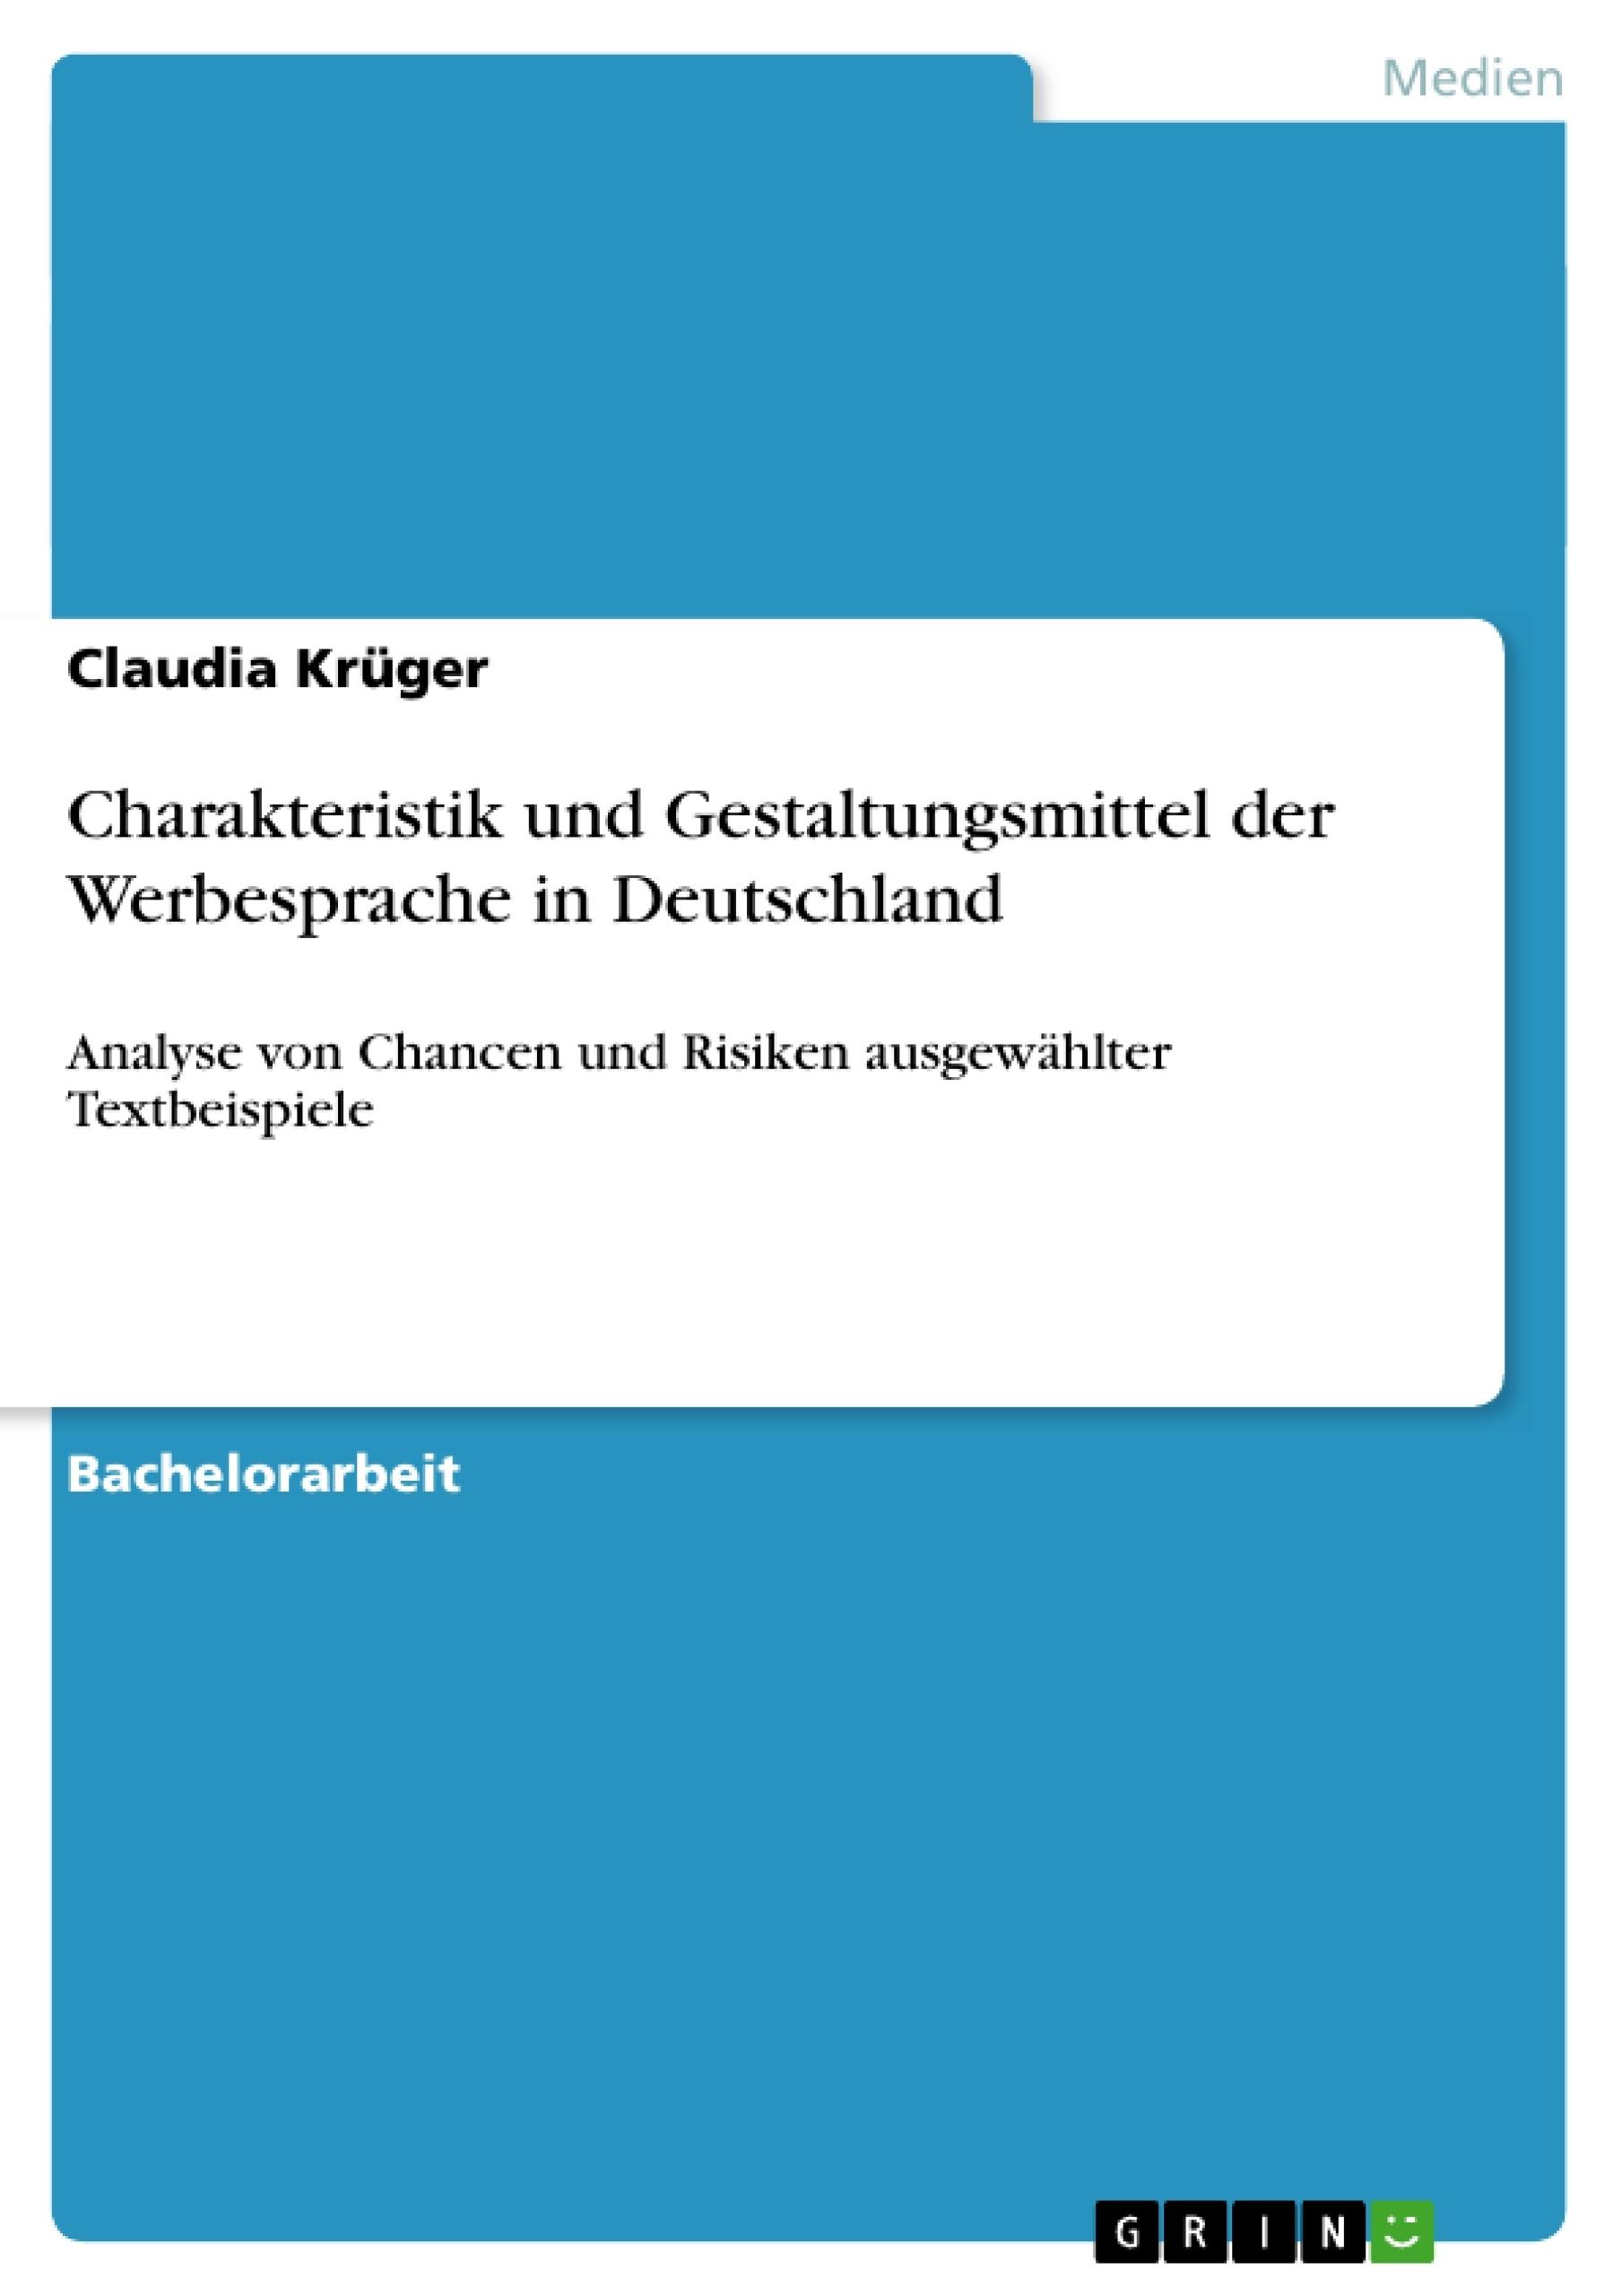 Titel: Charakteristik und Gestaltungsmittel der Werbesprache in Deutschland